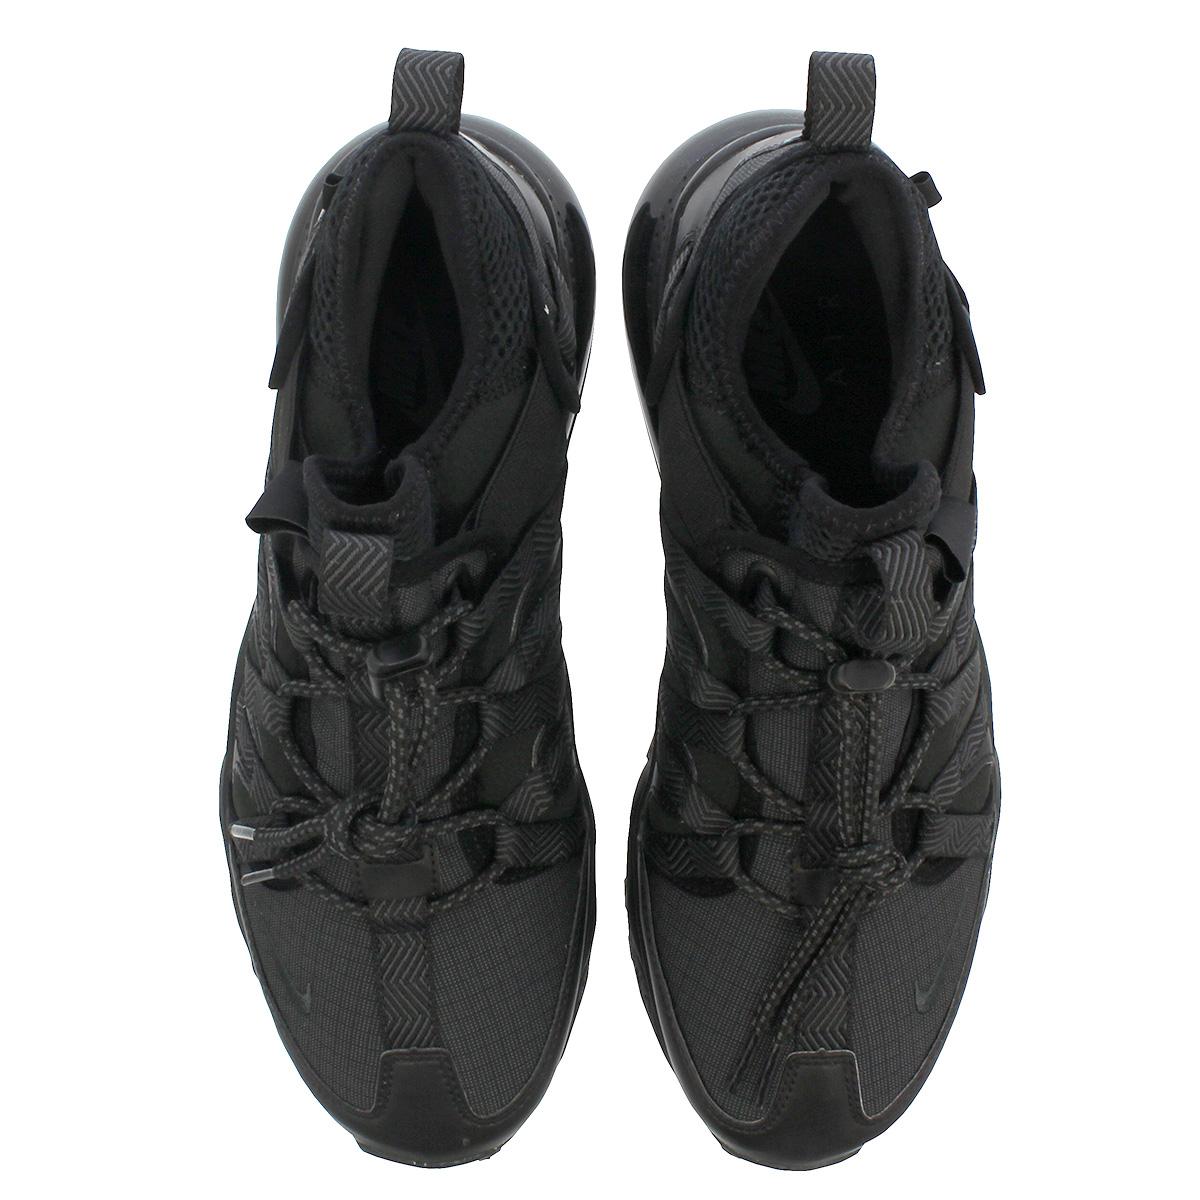   Nike Mens Air Max 270 Bowfin BlackAnthracite